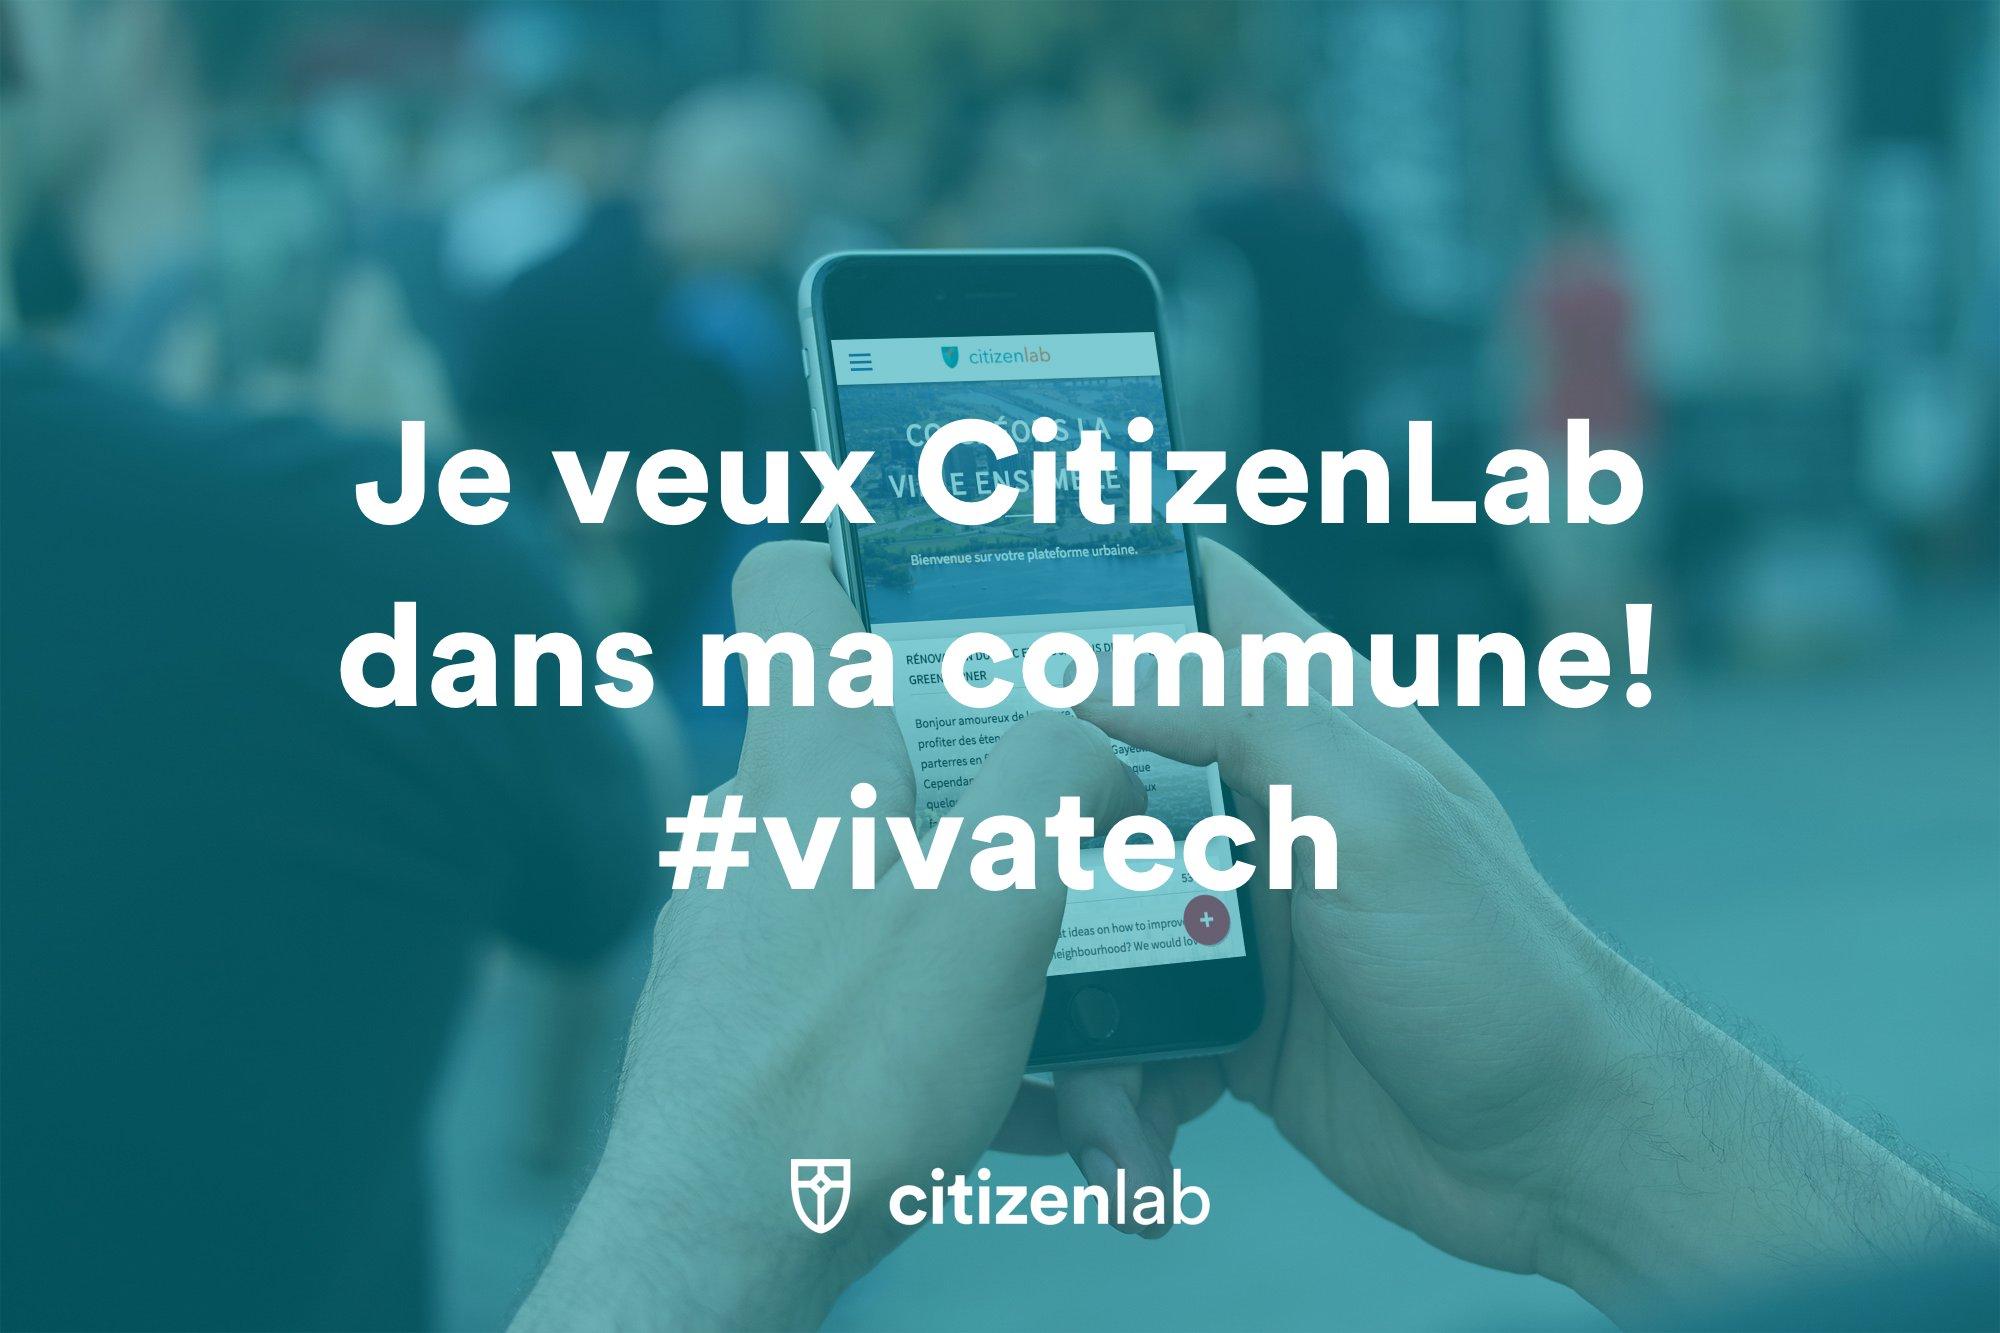 #vivatech #civictech Tu veux participer à la prise de décision dans ta ville ?? retweet et tag @taville ✊✊ https://t.co/bFuNHR0REQ